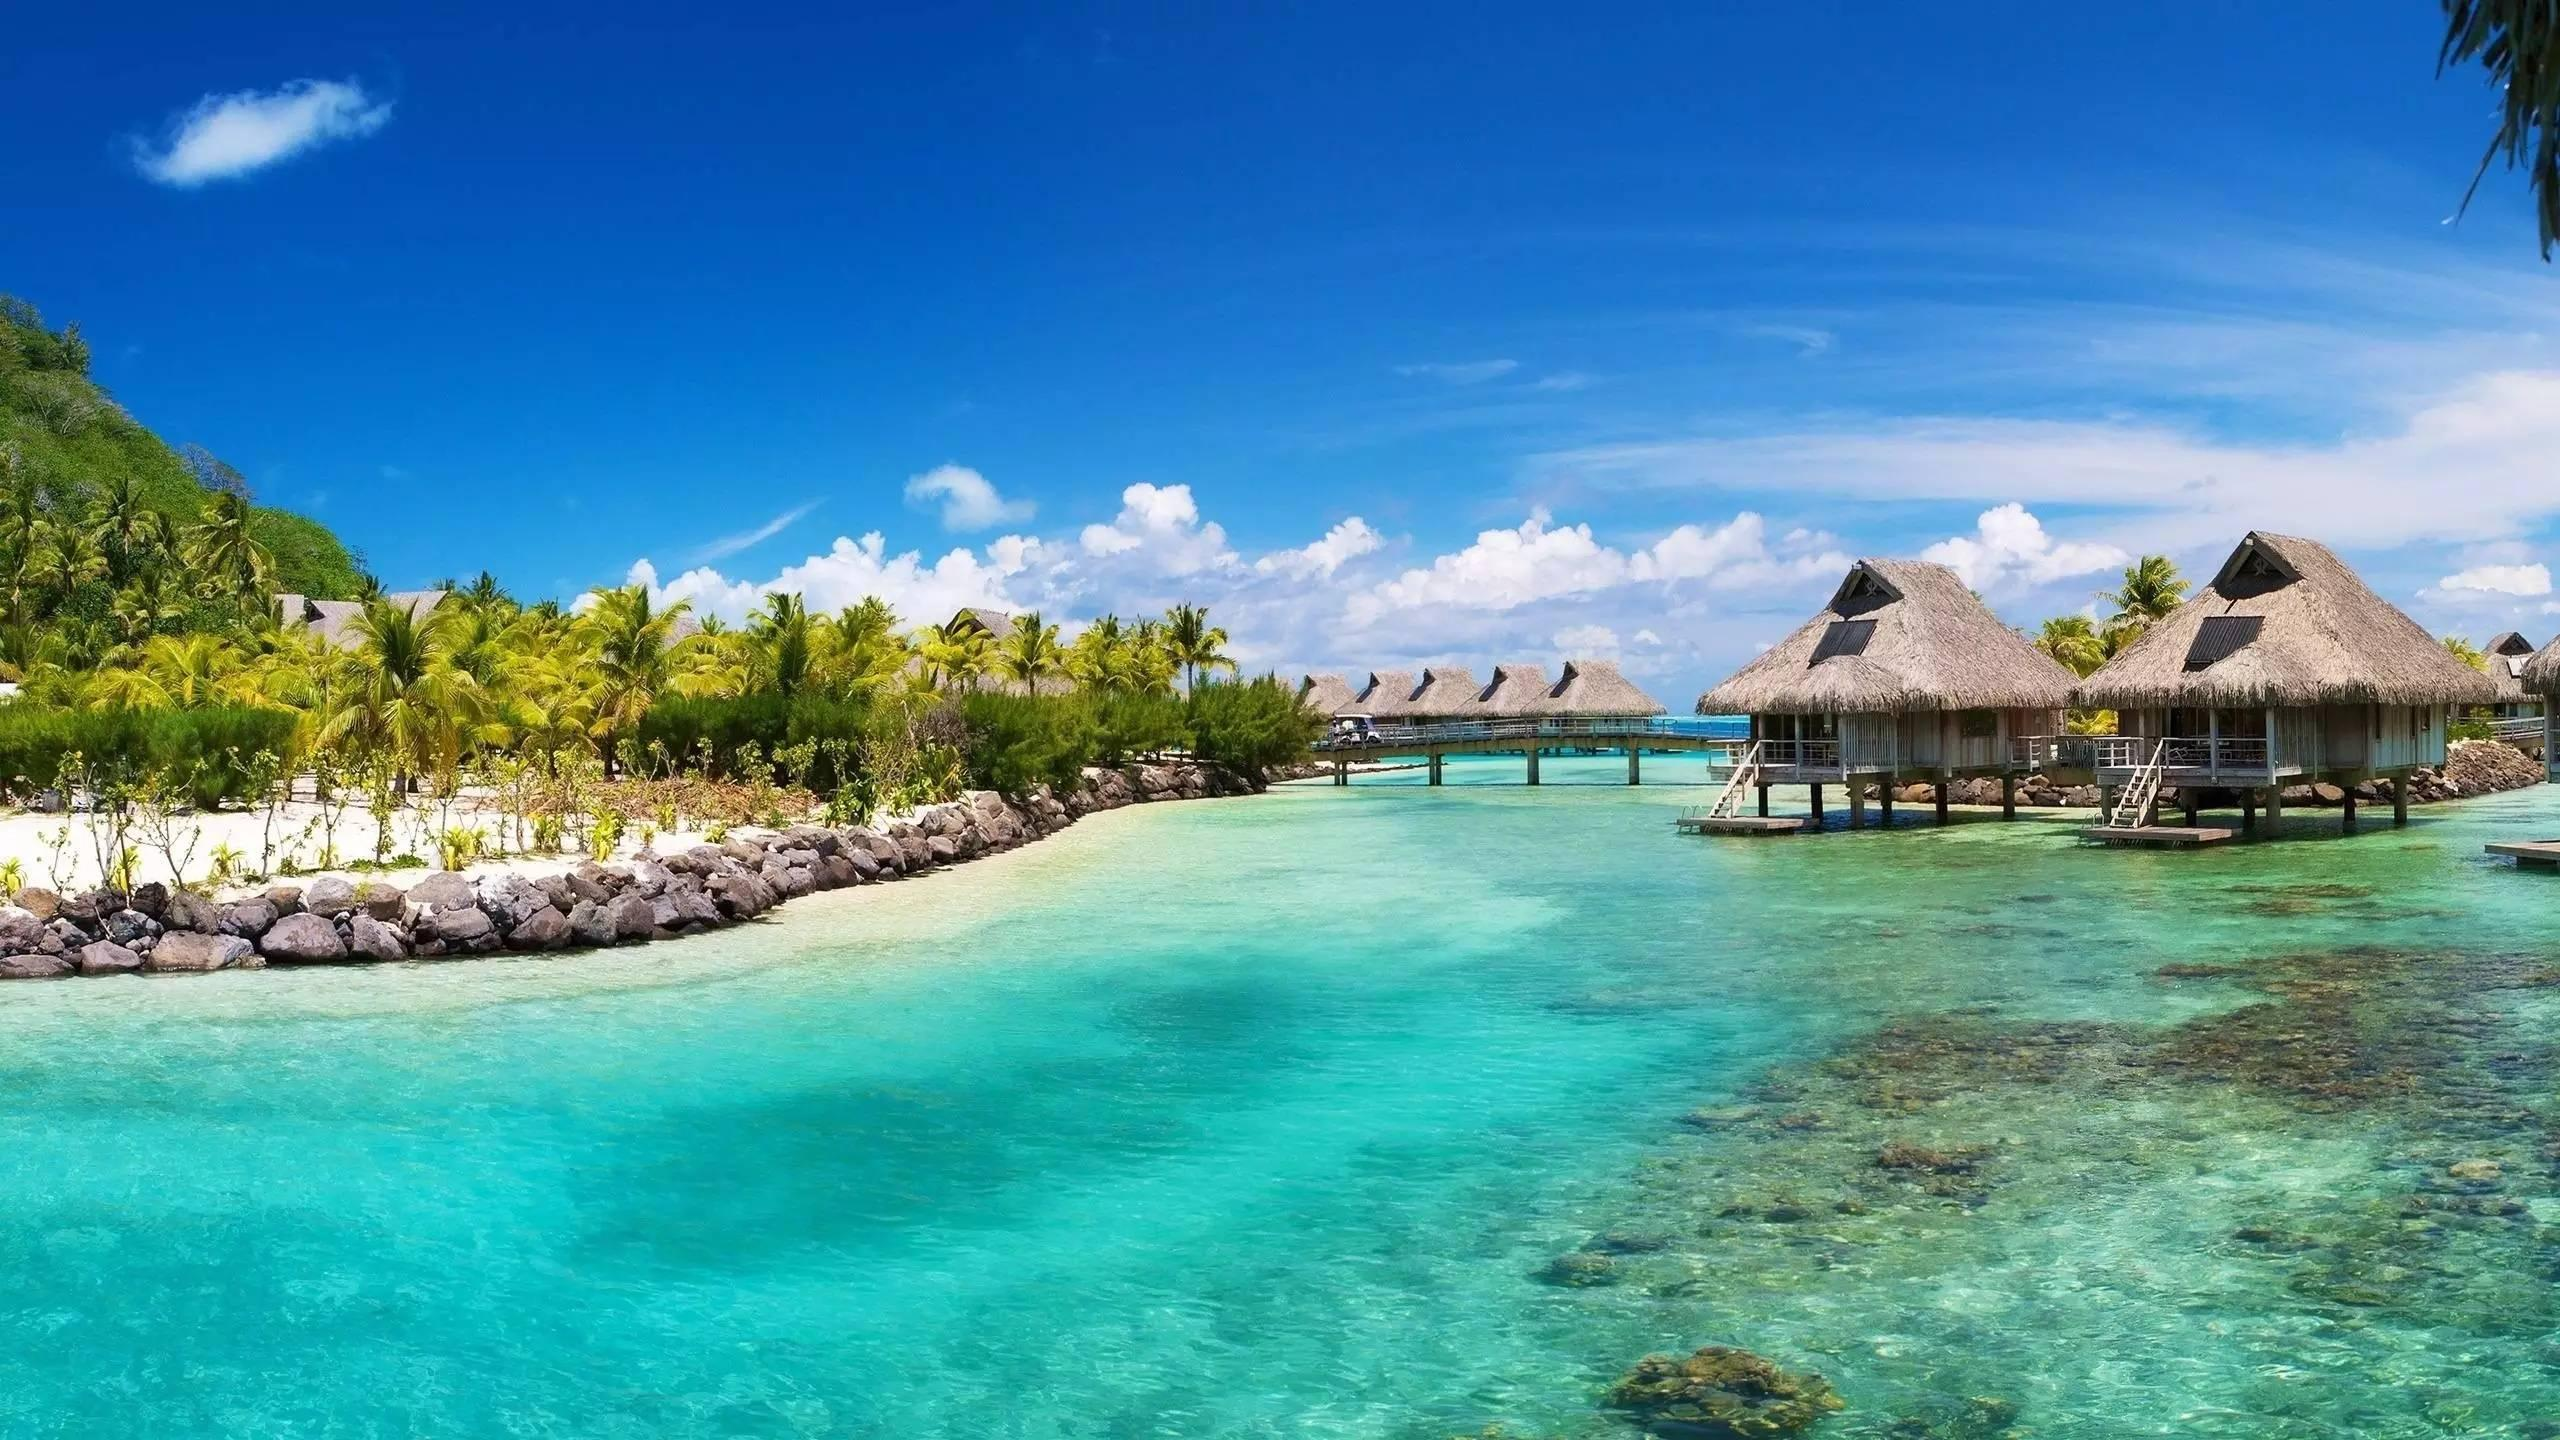 每年12月16日 次年4月15日是巴巴多斯的最凉爽的季节,而这一段时间图片